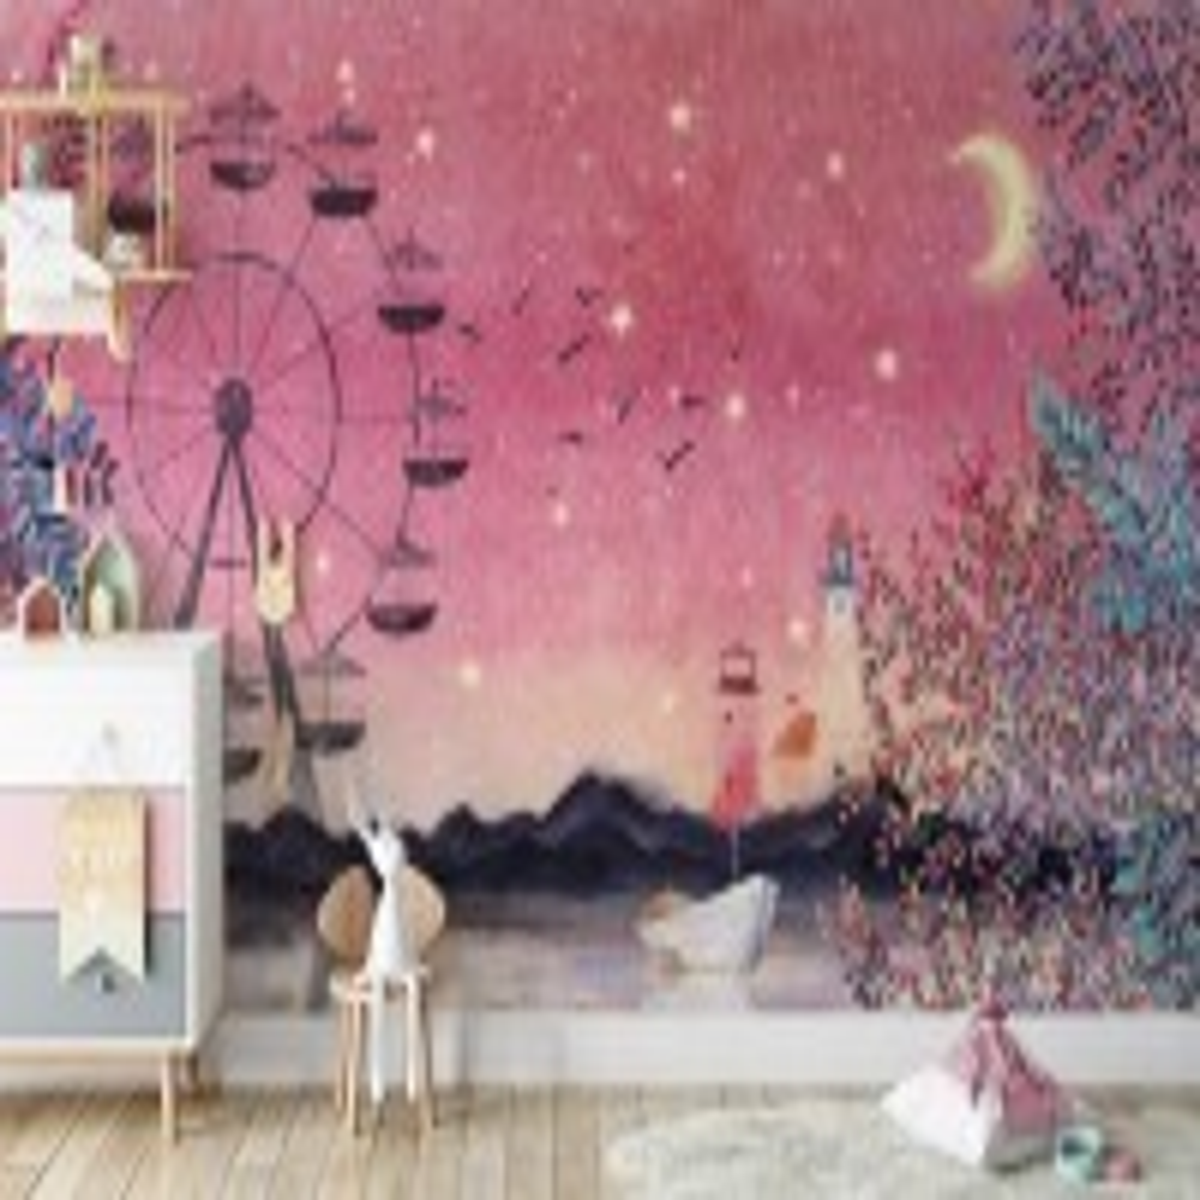 Sea Landscape with Ferris Wheel Wallpaper Mural